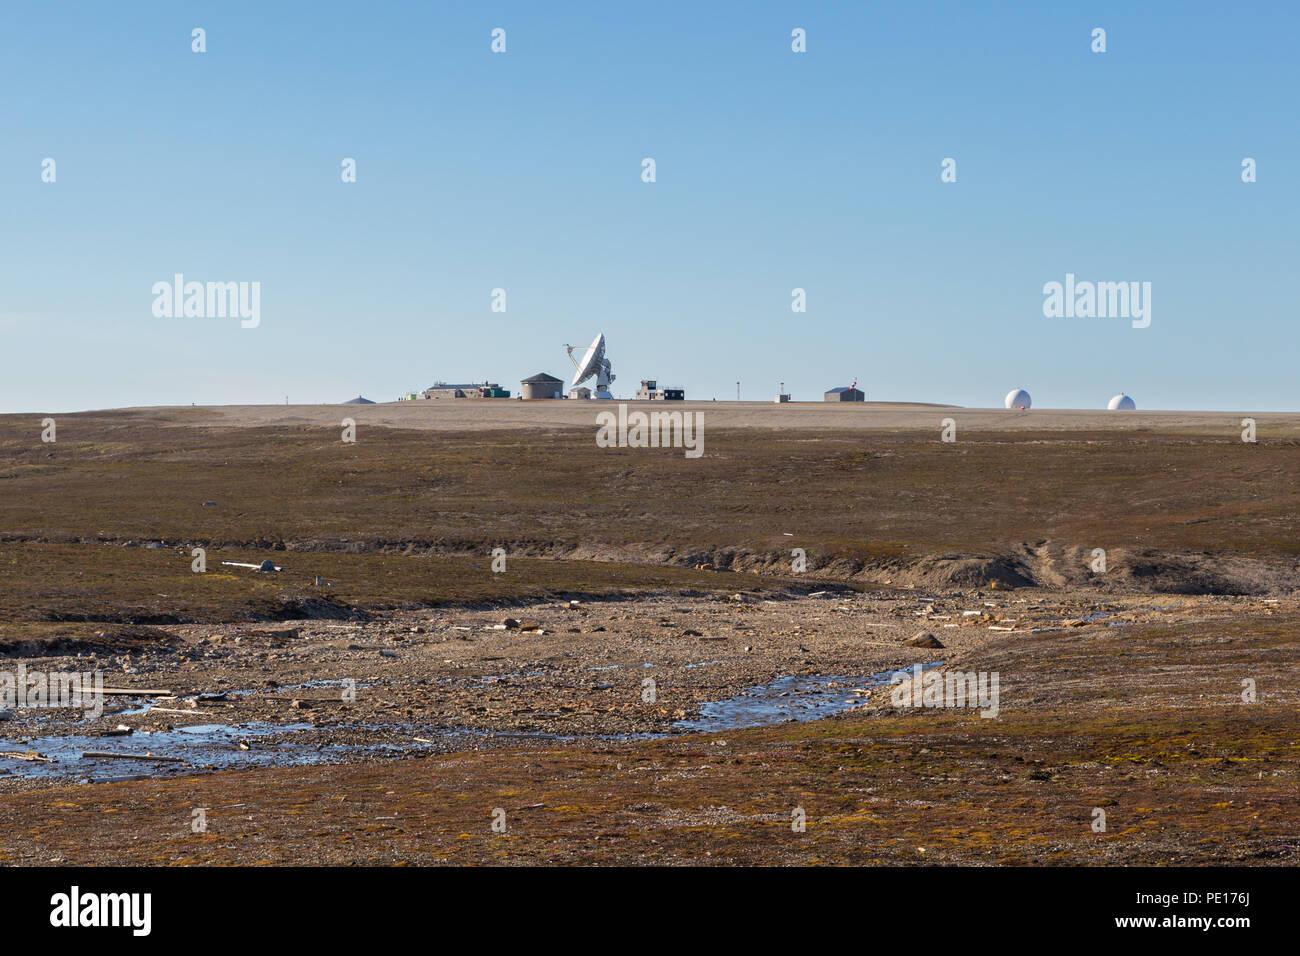 Antenne satellite à Ny Alesund, Svalbard, Spitzberg, ciel bleu, paysage naturel Banque D'Images